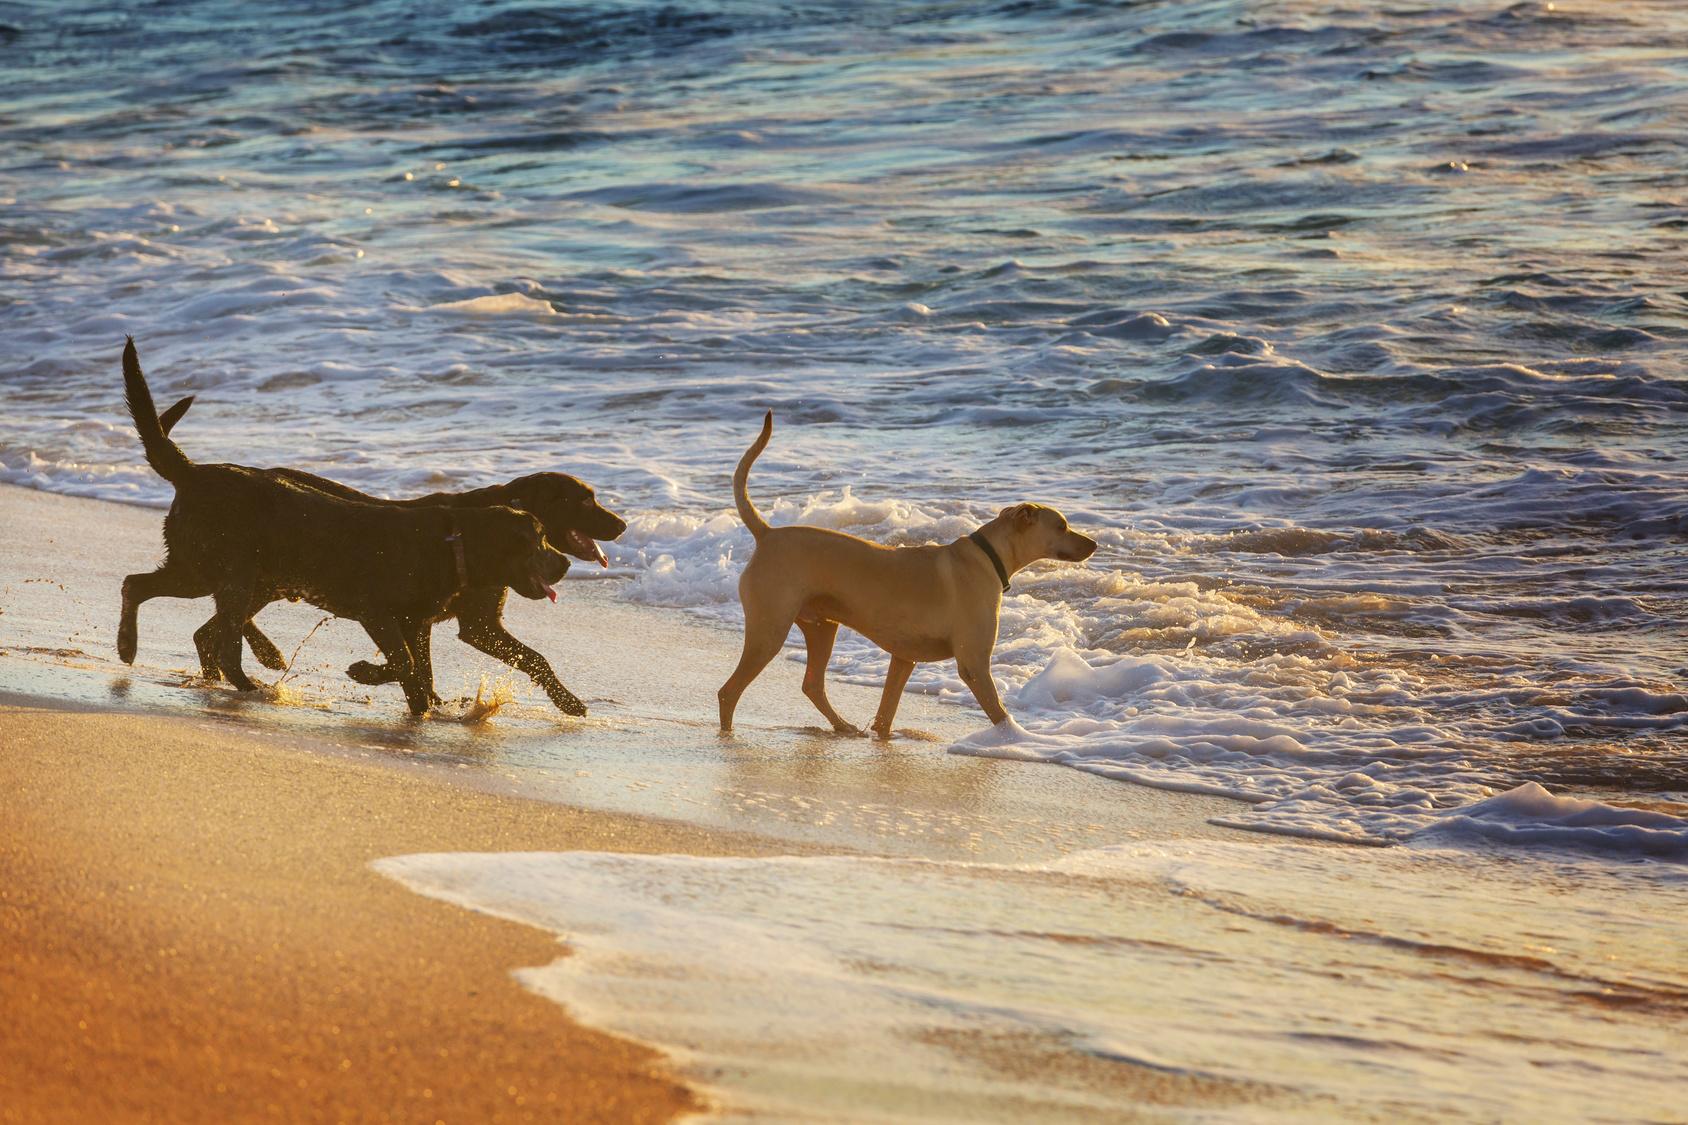 愛犬と沖縄旅行に行こう!おすすめホテルと観光地、注意したいことは?